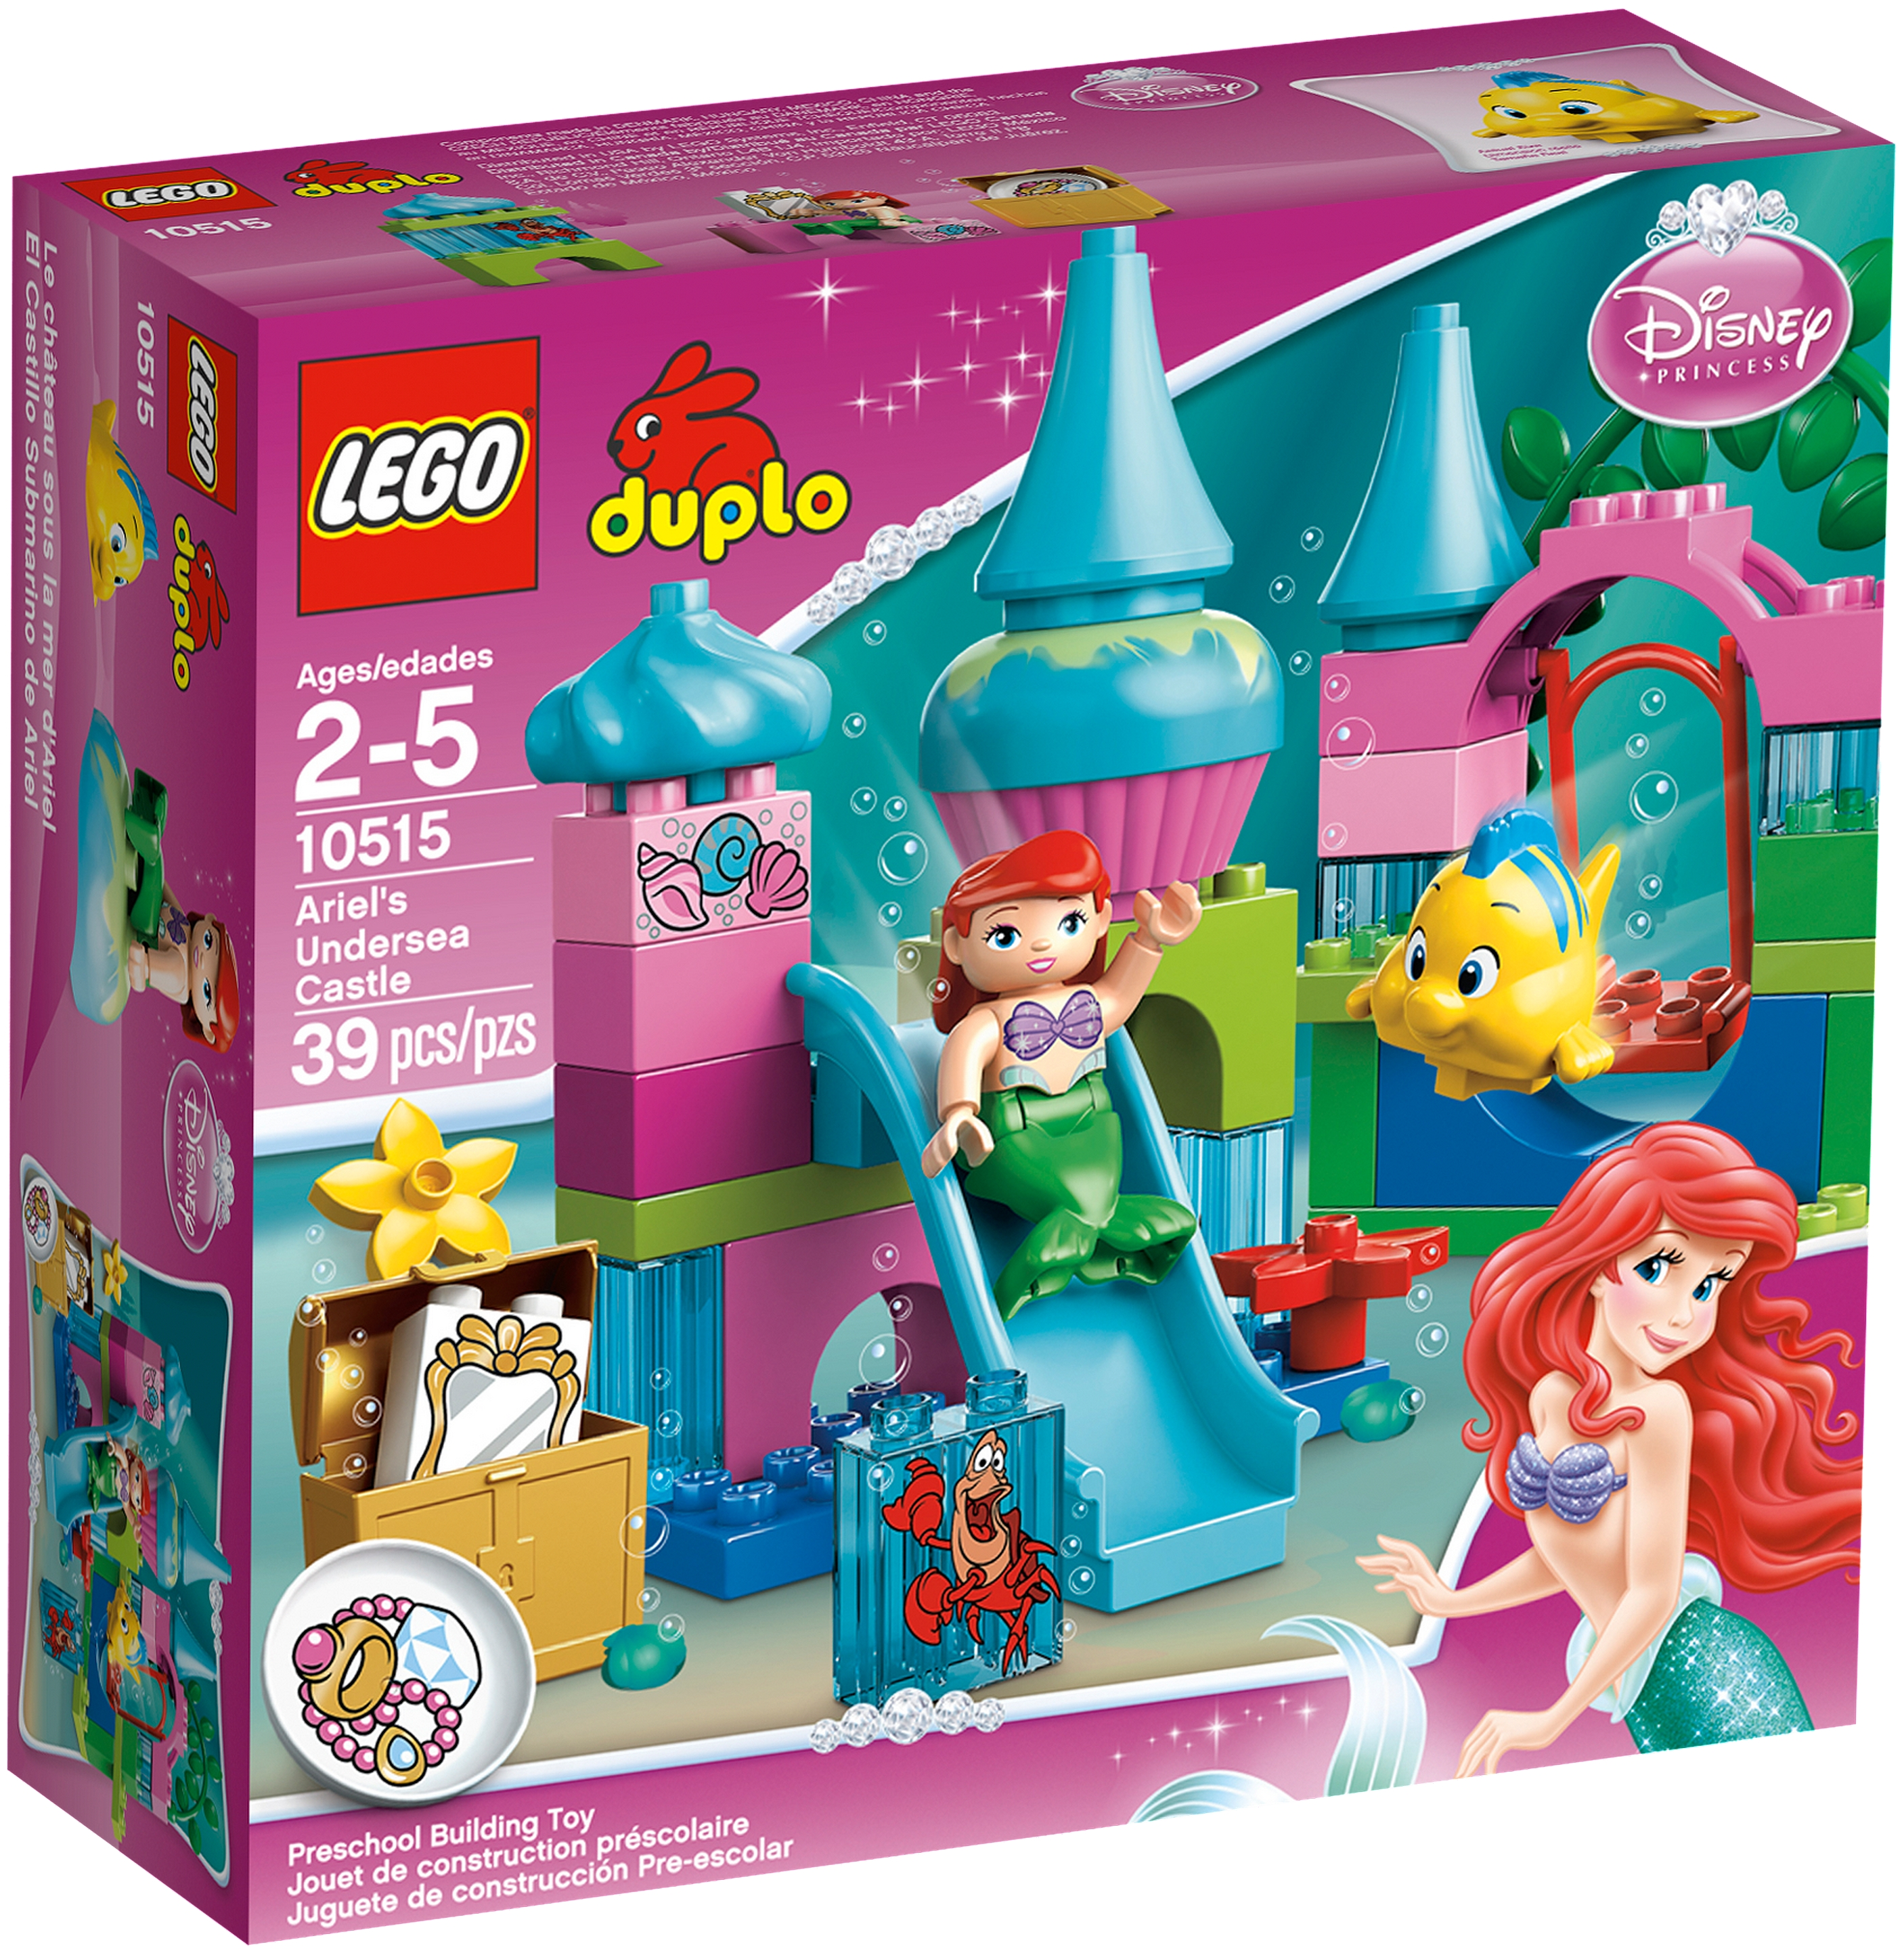 10515 Ariel's Undersea Castle